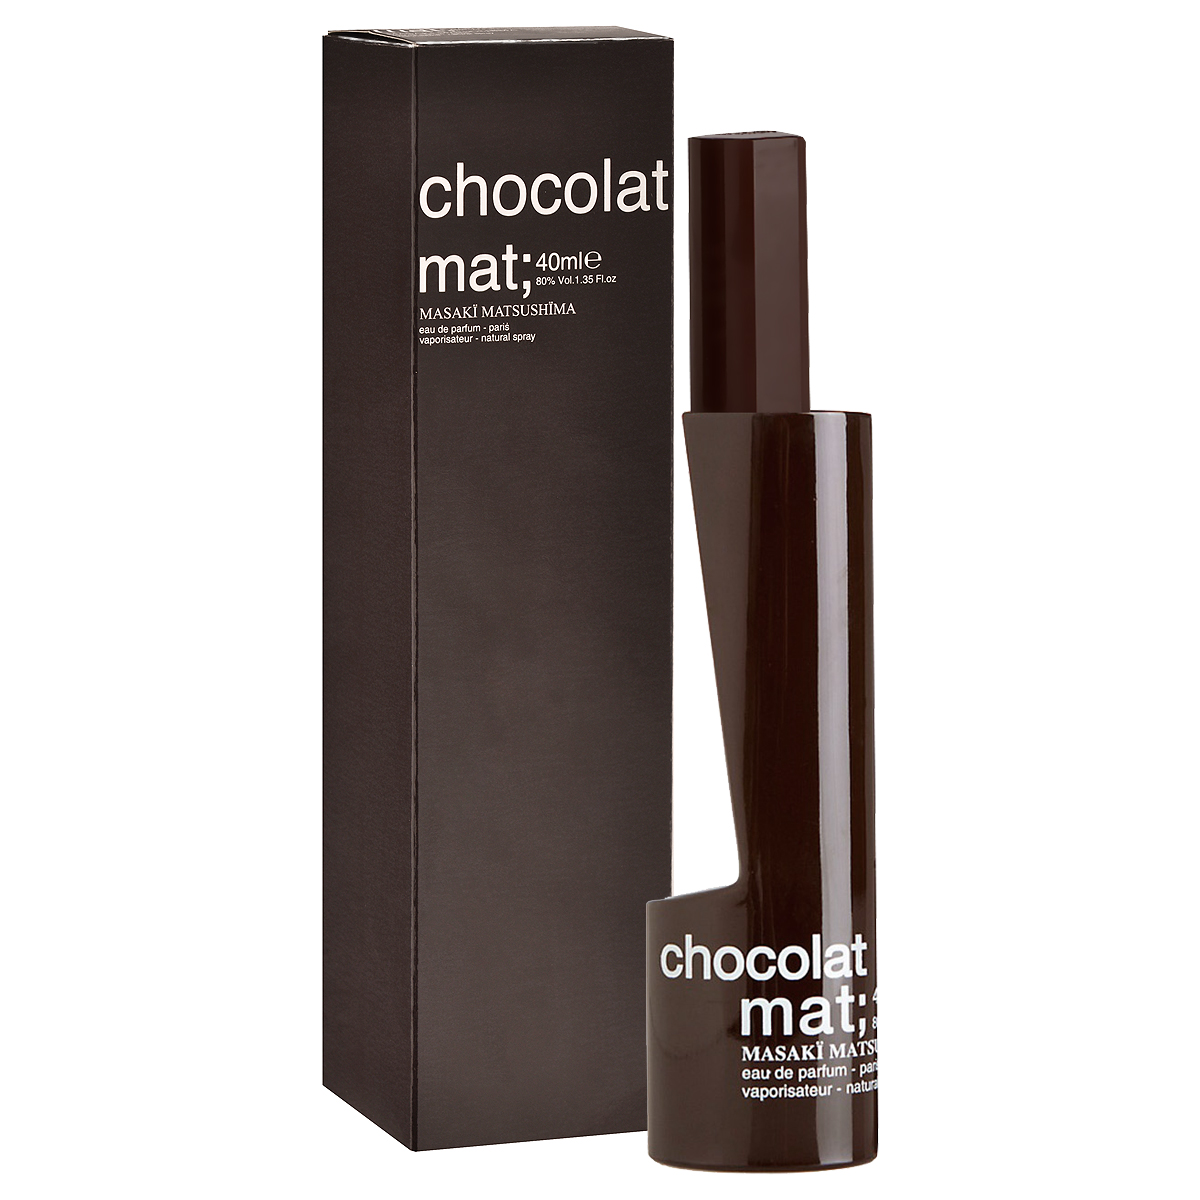 Masaki Matsushima Парфюмерная вода Mat Chocolat, женская, 80 мл950693Аромат Mat Chocolat от Masaki Matsushima создан для молодой, очаровательной женщины, романтичной и немного ветреной. Она обожает сладости - их аппетитные, шаловливые аккорды - простая возможность почувствовать себя озорной девчонкой. Она без ума от шоколада - он здорово поднимает настроение, она выбирает Mat Chocolat - и аура любимых ароматов сопровождает ее повсюду, куда бы она ни направлялась. Отличный способ создать настроение на весь день. Причем не только себе…Классификация аромата: цветочно-восточный, ориентальный. Пирамида аромата: Верхние ноты: черная смородина, грейпфрут, арбуз, роза. Ноты сердца: темный шоколад, какао. Ноты шлейфа: сандал, кокос, мускус. Ключевые словаТеплый, сладкий, радостный!Самый популярный вид парфюмерной продукции на сегодняшний день - парфюмерная вода. Это объясняется оптимальным балансом цены и качества - с одной стороны, достаточно высокая концентрация экстракта (10-20% при 90% спирте), с другой - более доступная, по сравнению с духами, цена. У многих фирм парфюмерная вода - самый высокий по концентрации экстракта вид товара, т.к. далеко не все производители считают нужным (или возможным) выпускать свои ароматы в виде духов. Как правило, парфюмерная вода всегда в спрее-пульверизаторе, что удобно для использования и транспортировки. Так что если духи по какой-либо причине приобрести нельзя, парфюмерная вода, безусловно, - самая лучшая им замена. Товар сертифицирован.